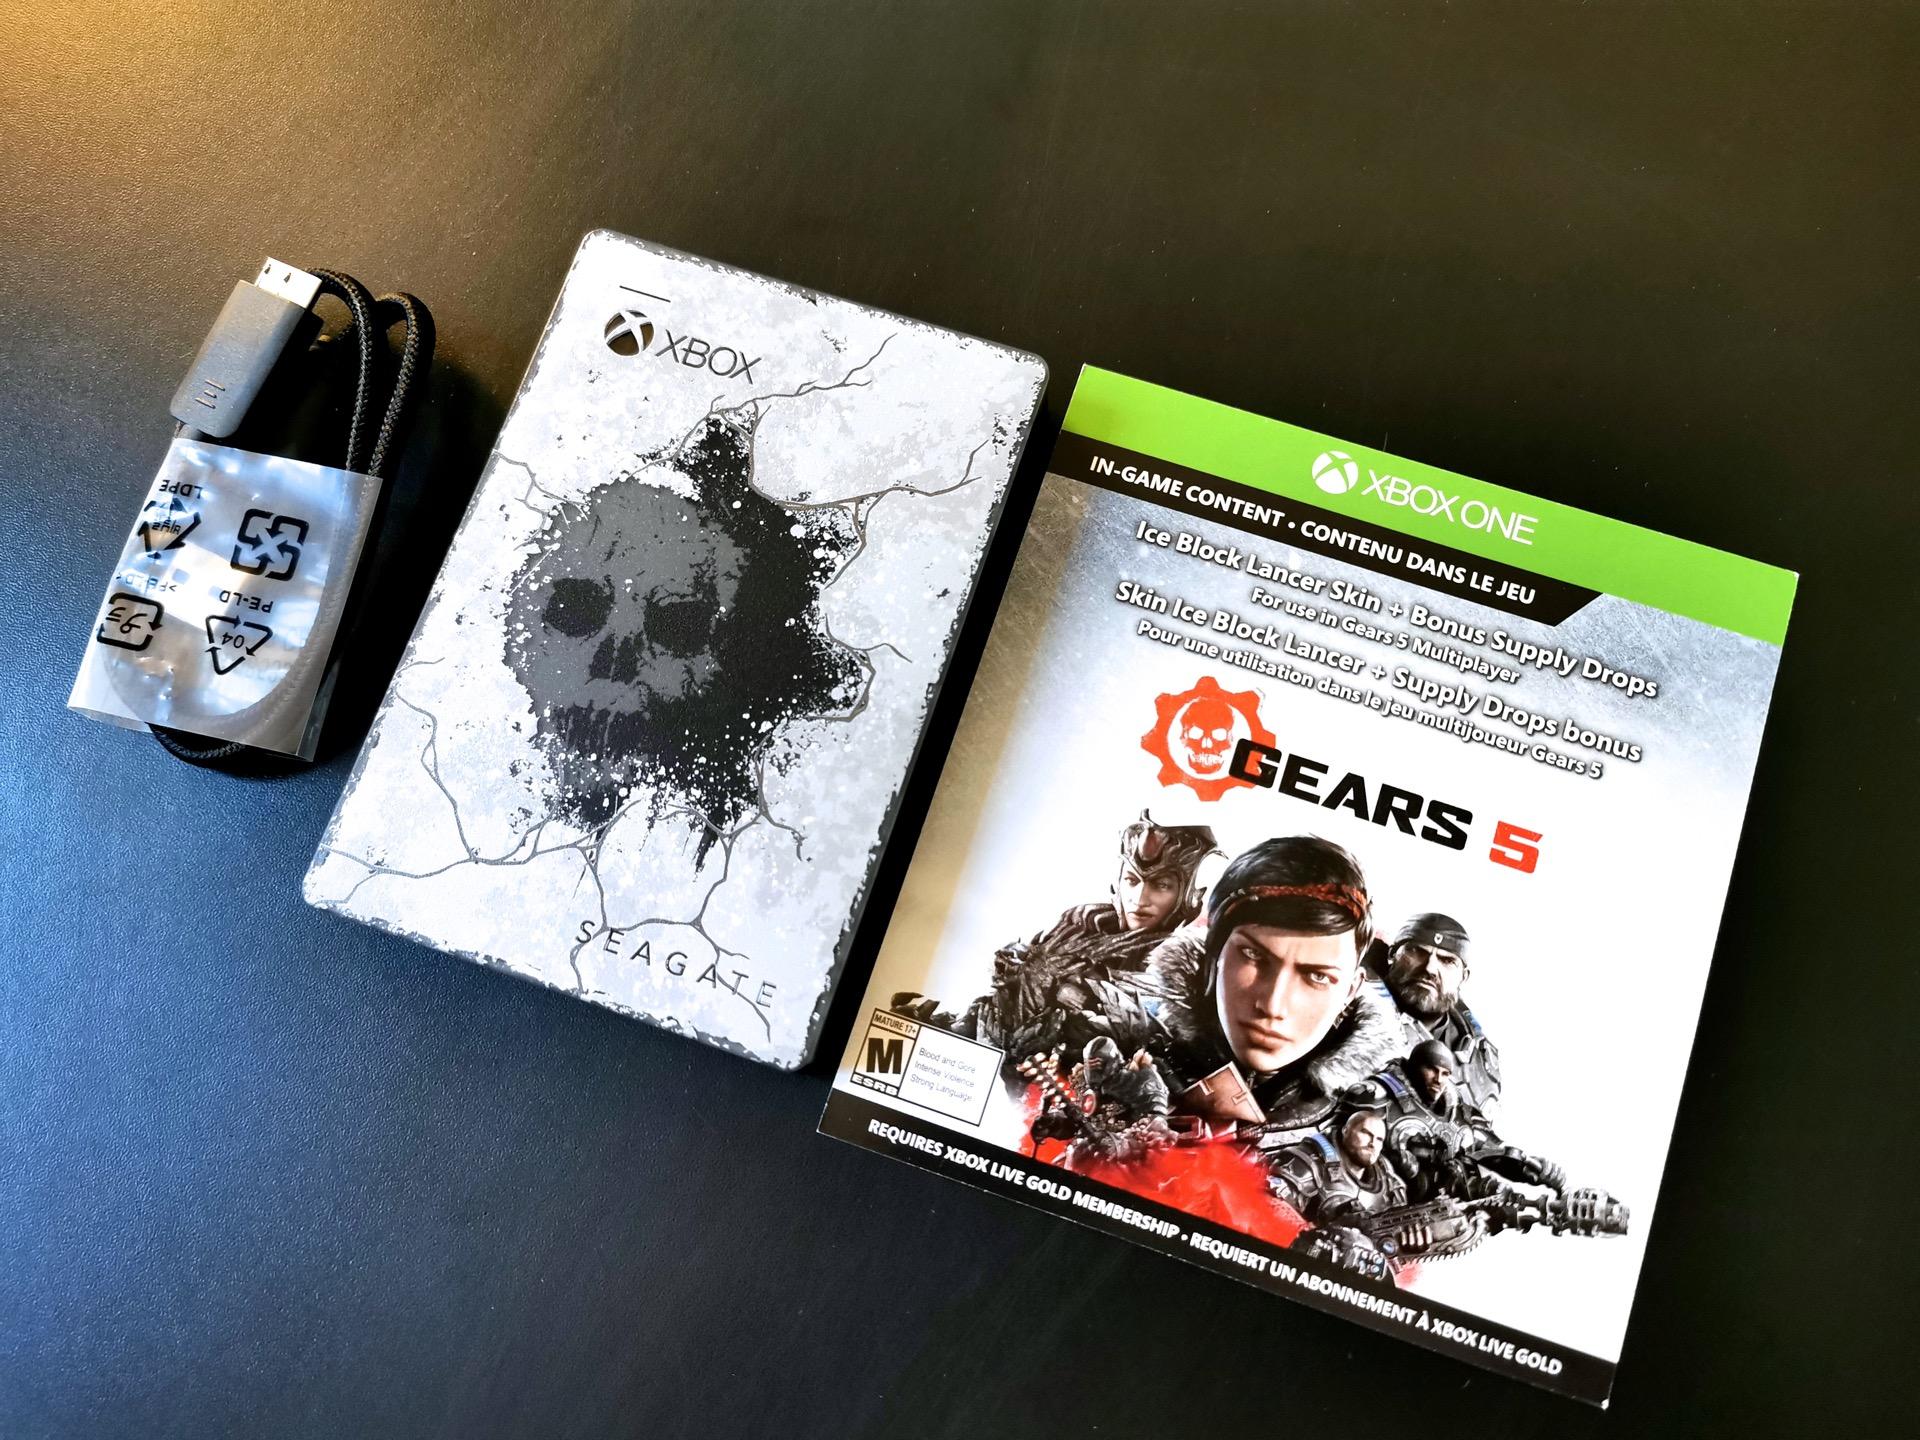 Xbox Seagate Gears 5